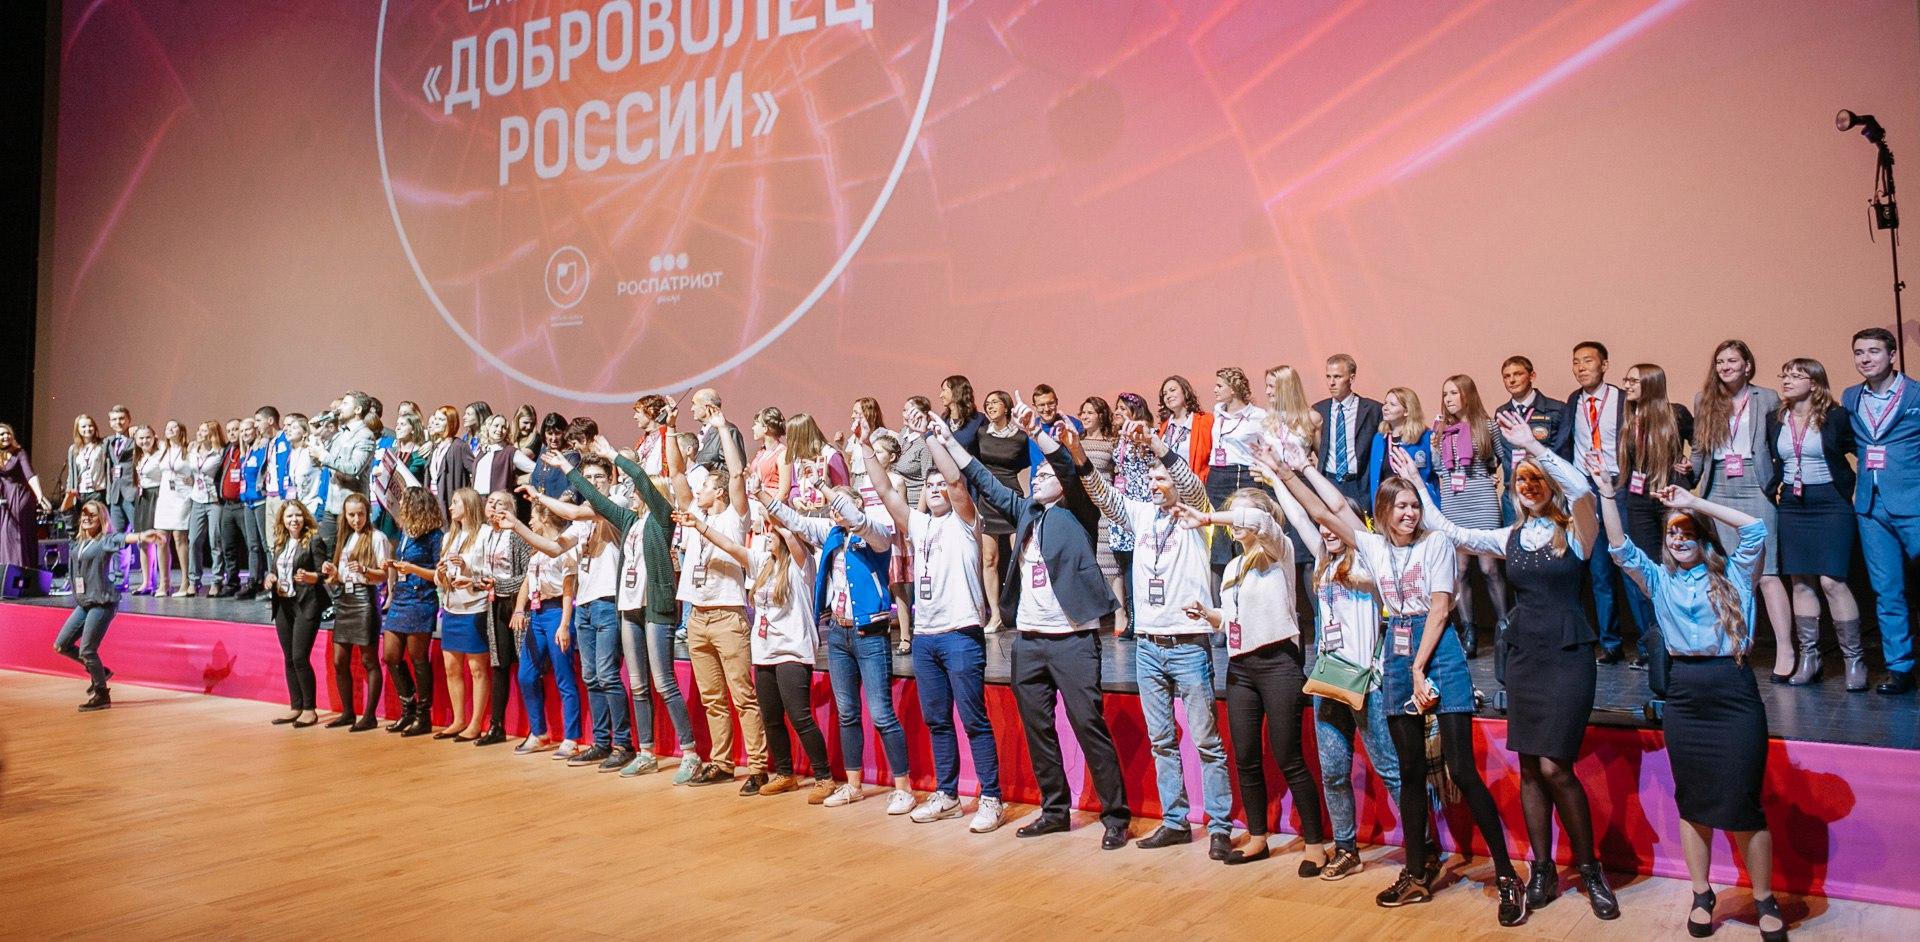 Доброволец России — 2017